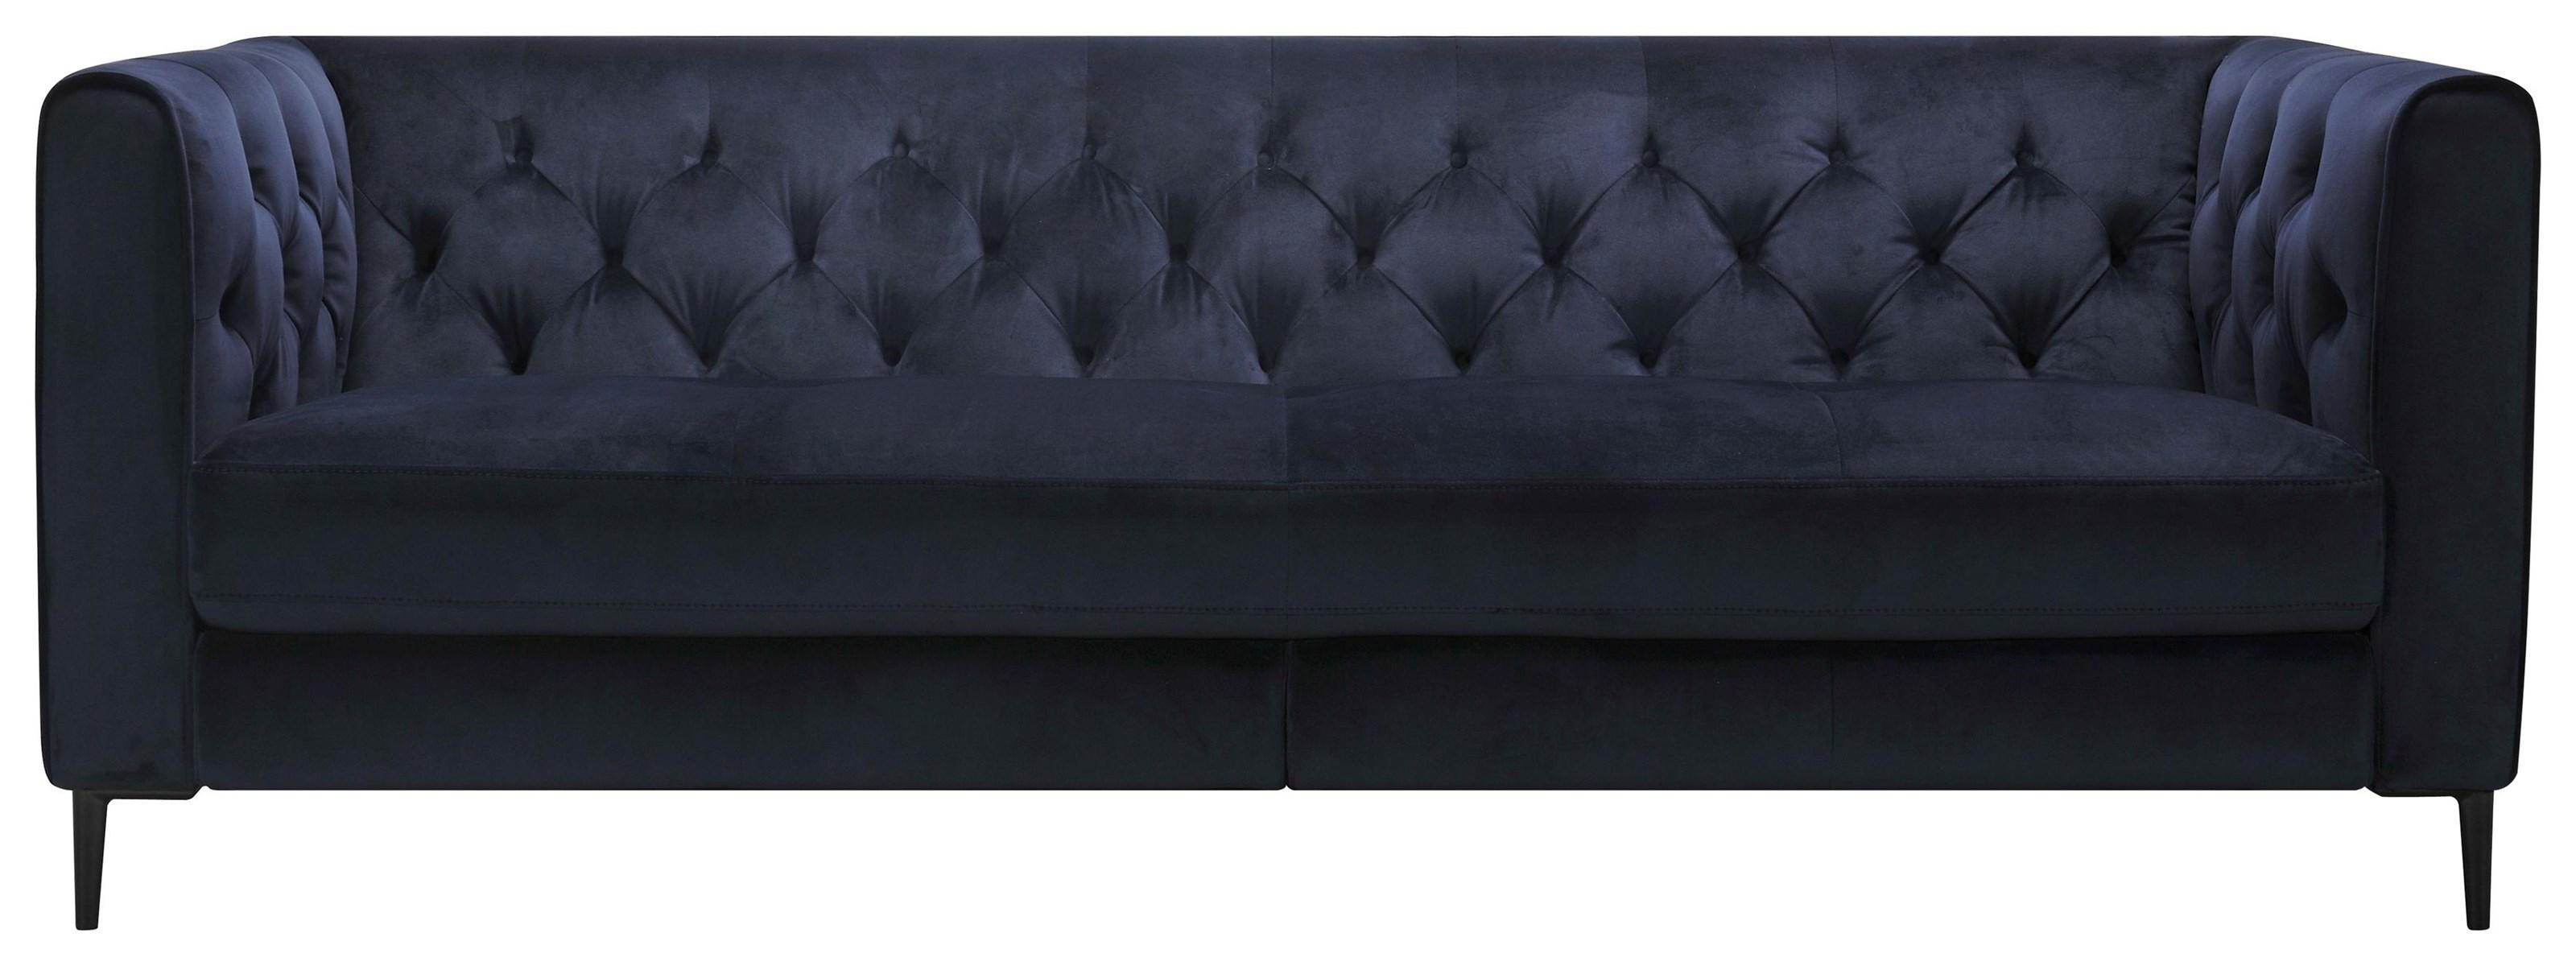 Monroe Sofa by Violino at Red Knot